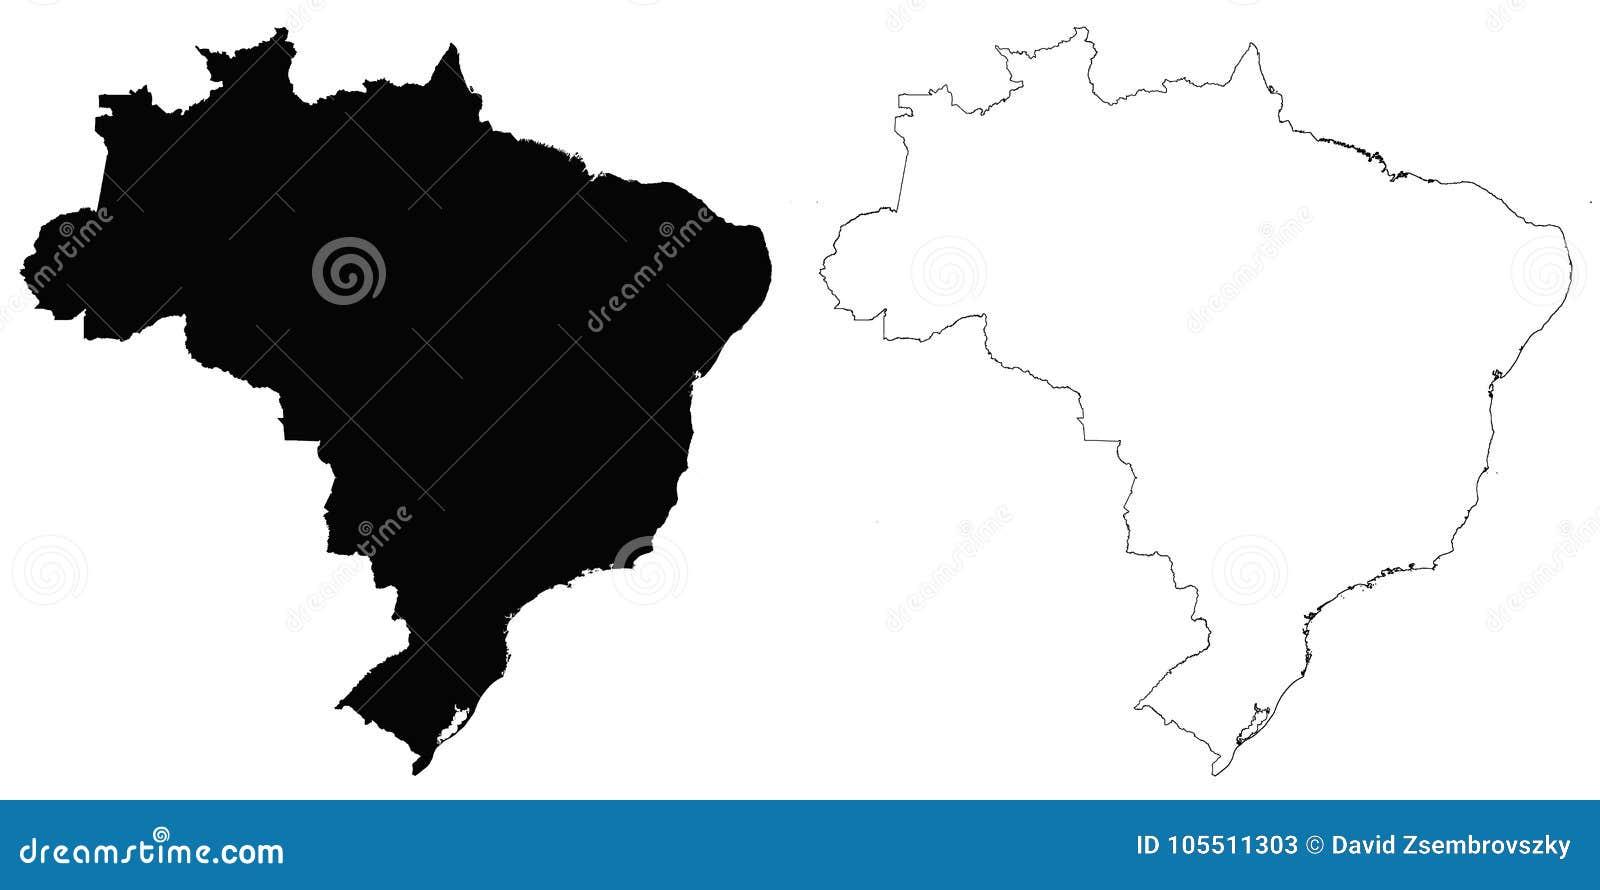 Brazil Outline Map Stock Vector Illustration Of Brazilian 105511303